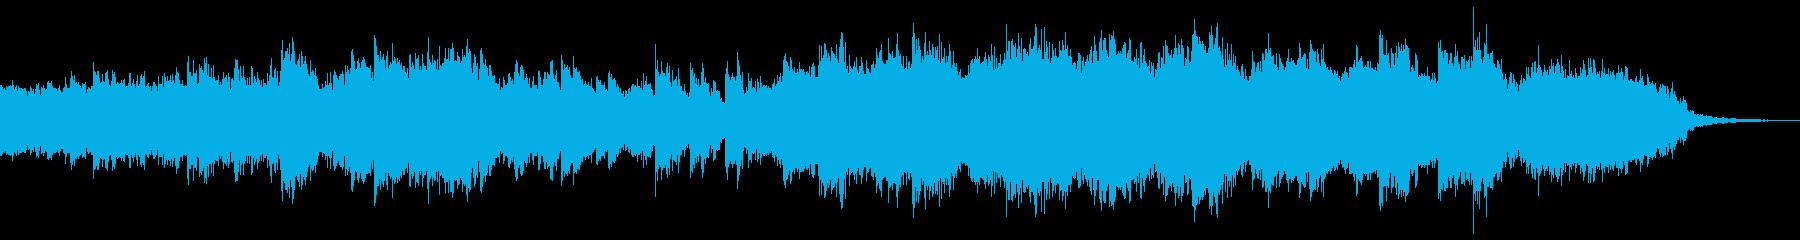 さざ波のピアノと弦楽器 映像 企業VPの再生済みの波形